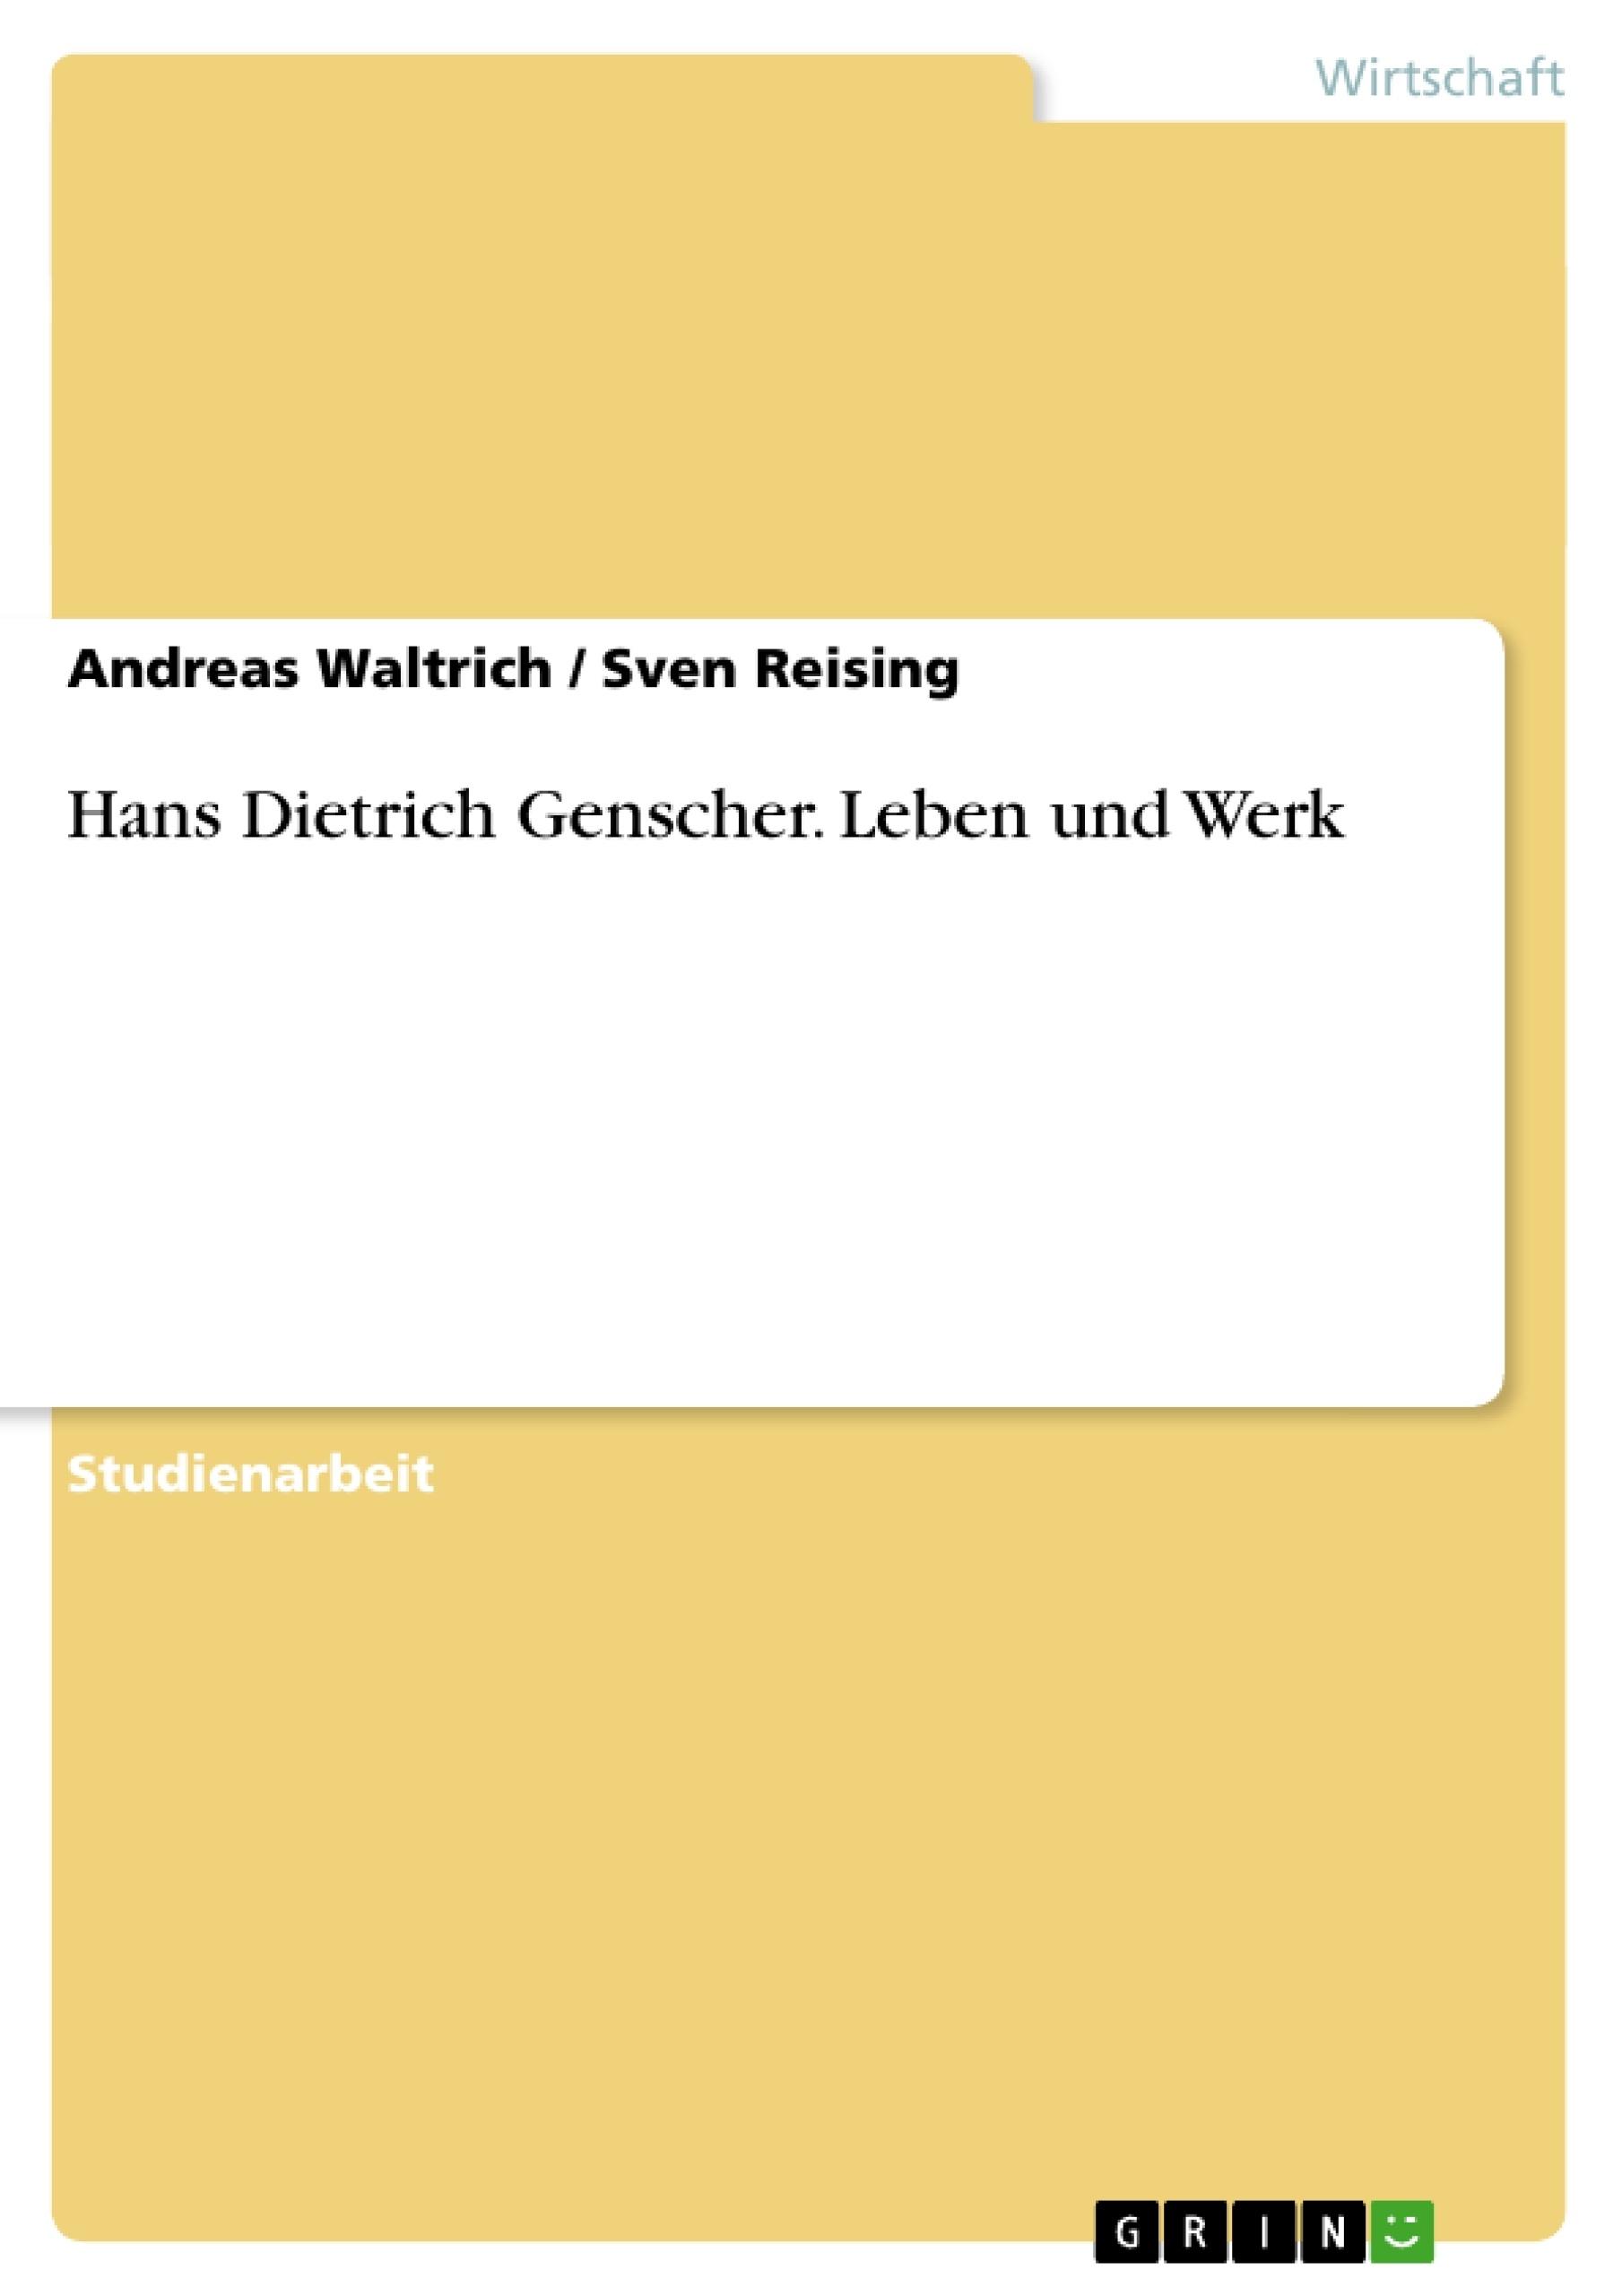 Titel: Hans Dietrich Genscher. Leben und Werk